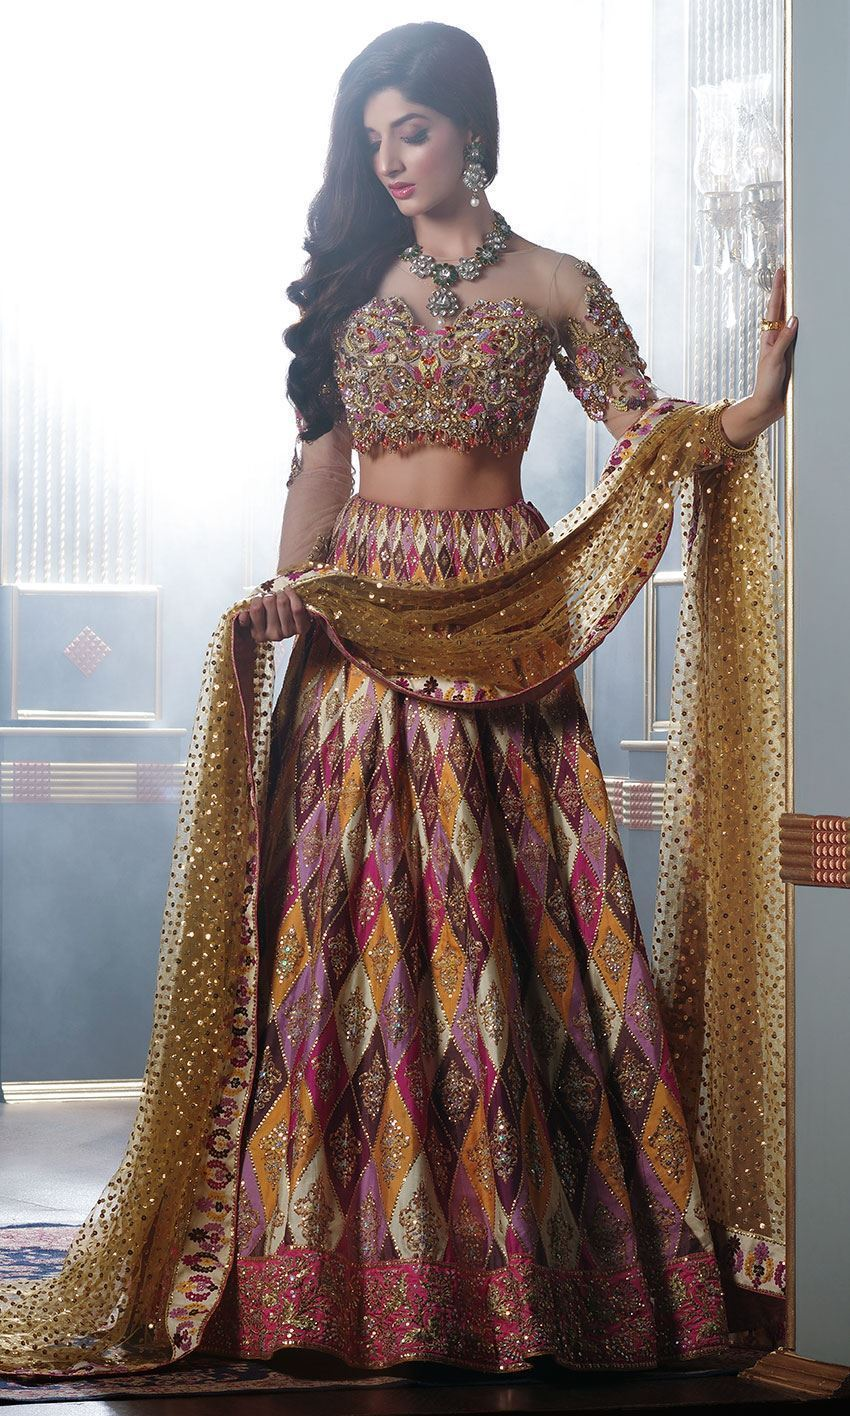 Nomi Ansari Bridal Dresses collection Mawara husain